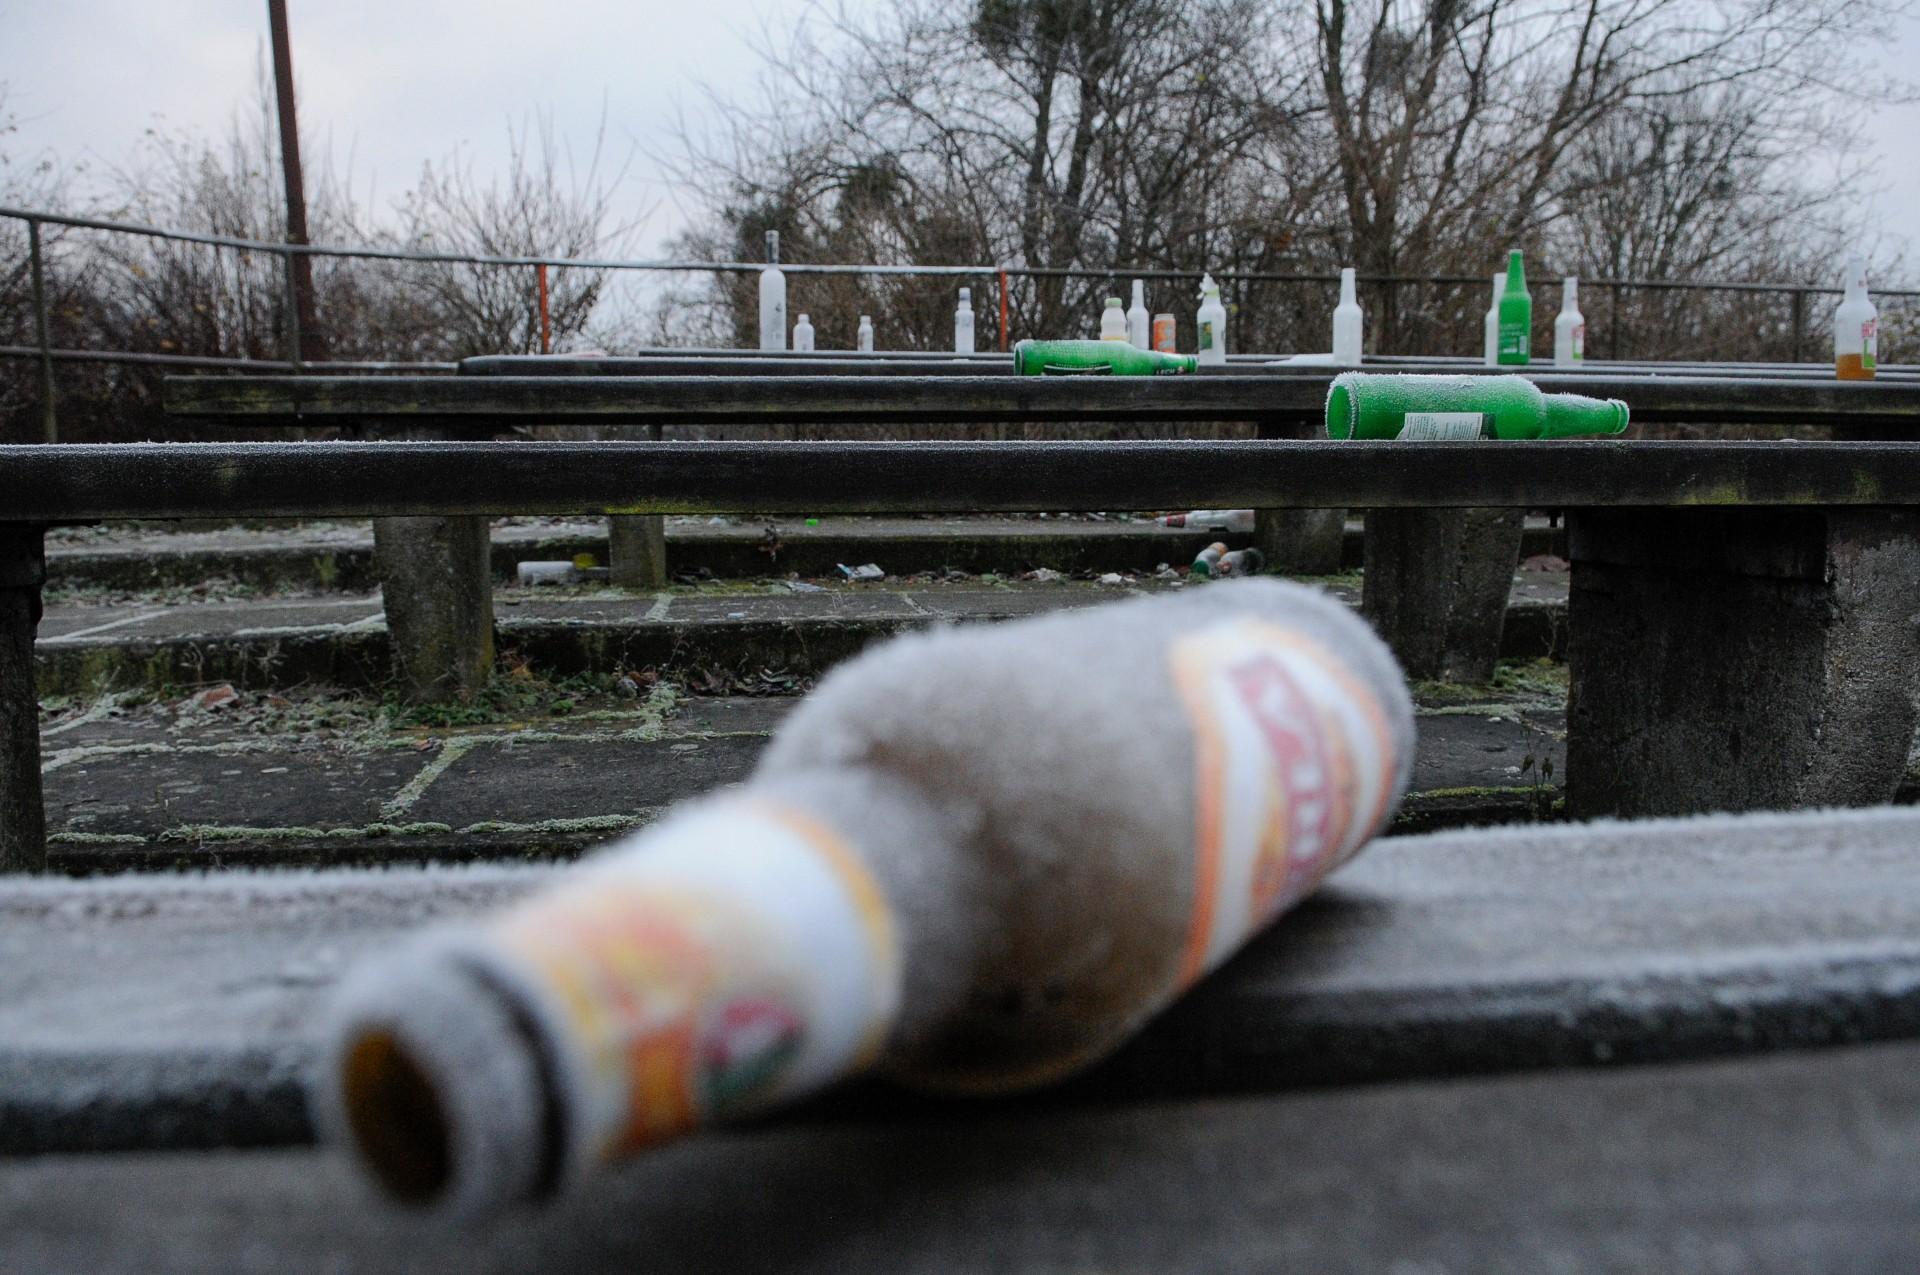 Rząd rozważa zakaz sprzedaży alkoholu po19 wramach walki zpandemią